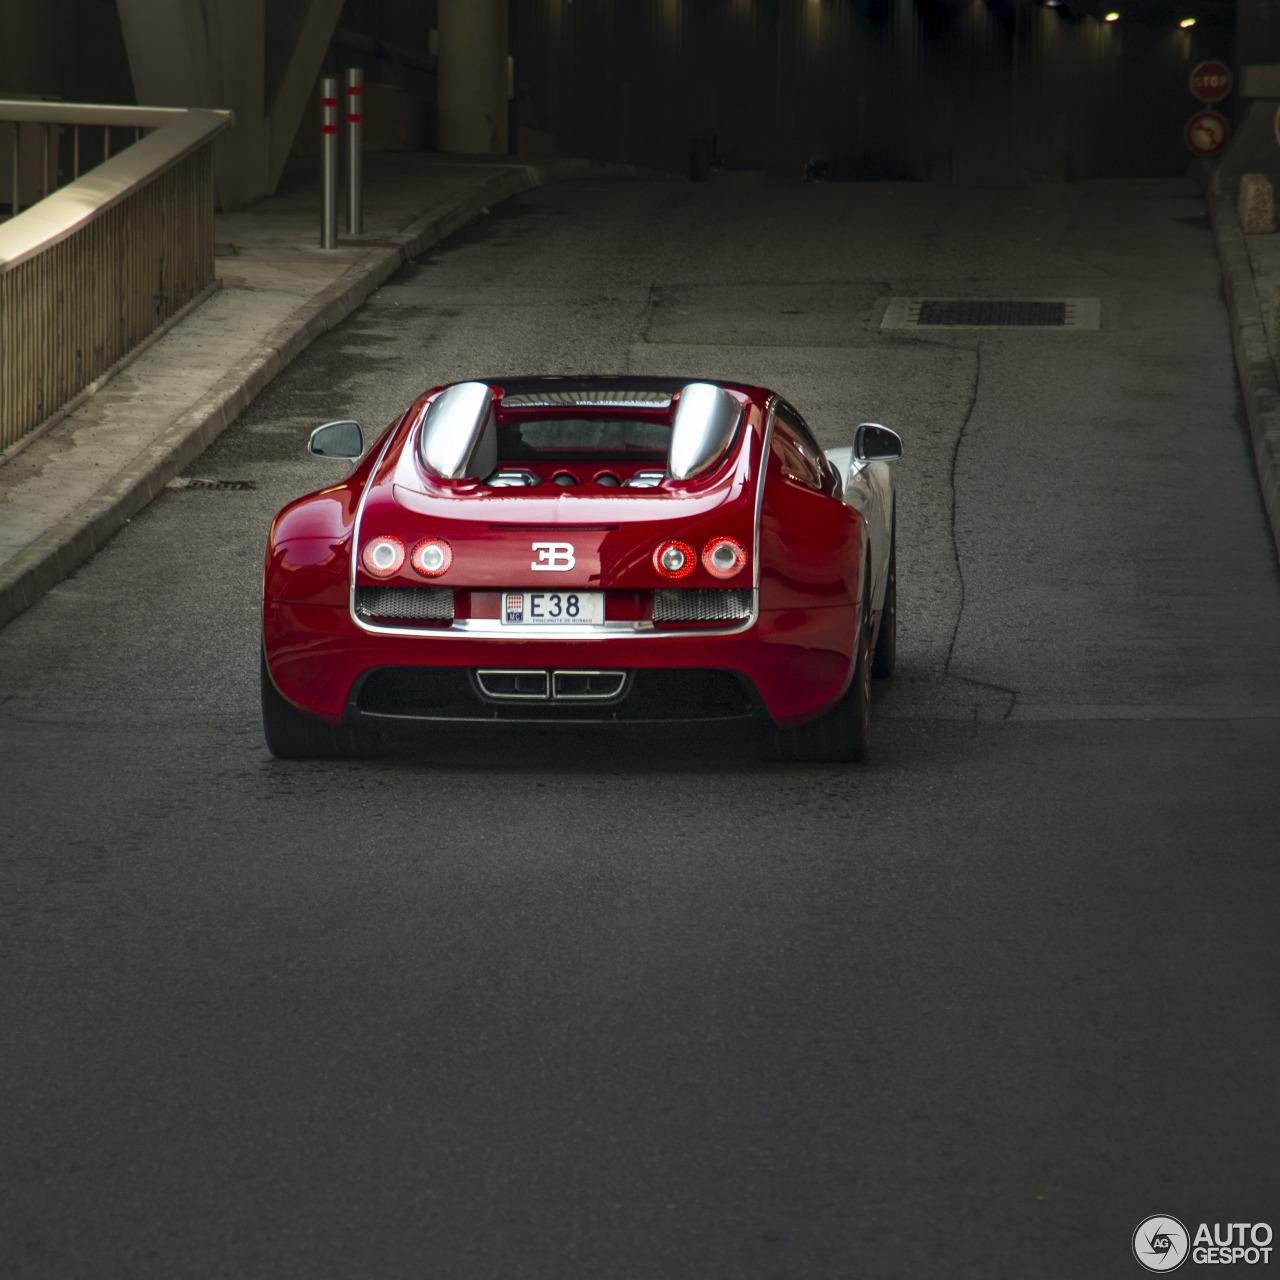 Bugatti Veyron 16 4 Grand Sport Vitesse: Bugatti Veyron 16.4 Grand Sport Vitesse